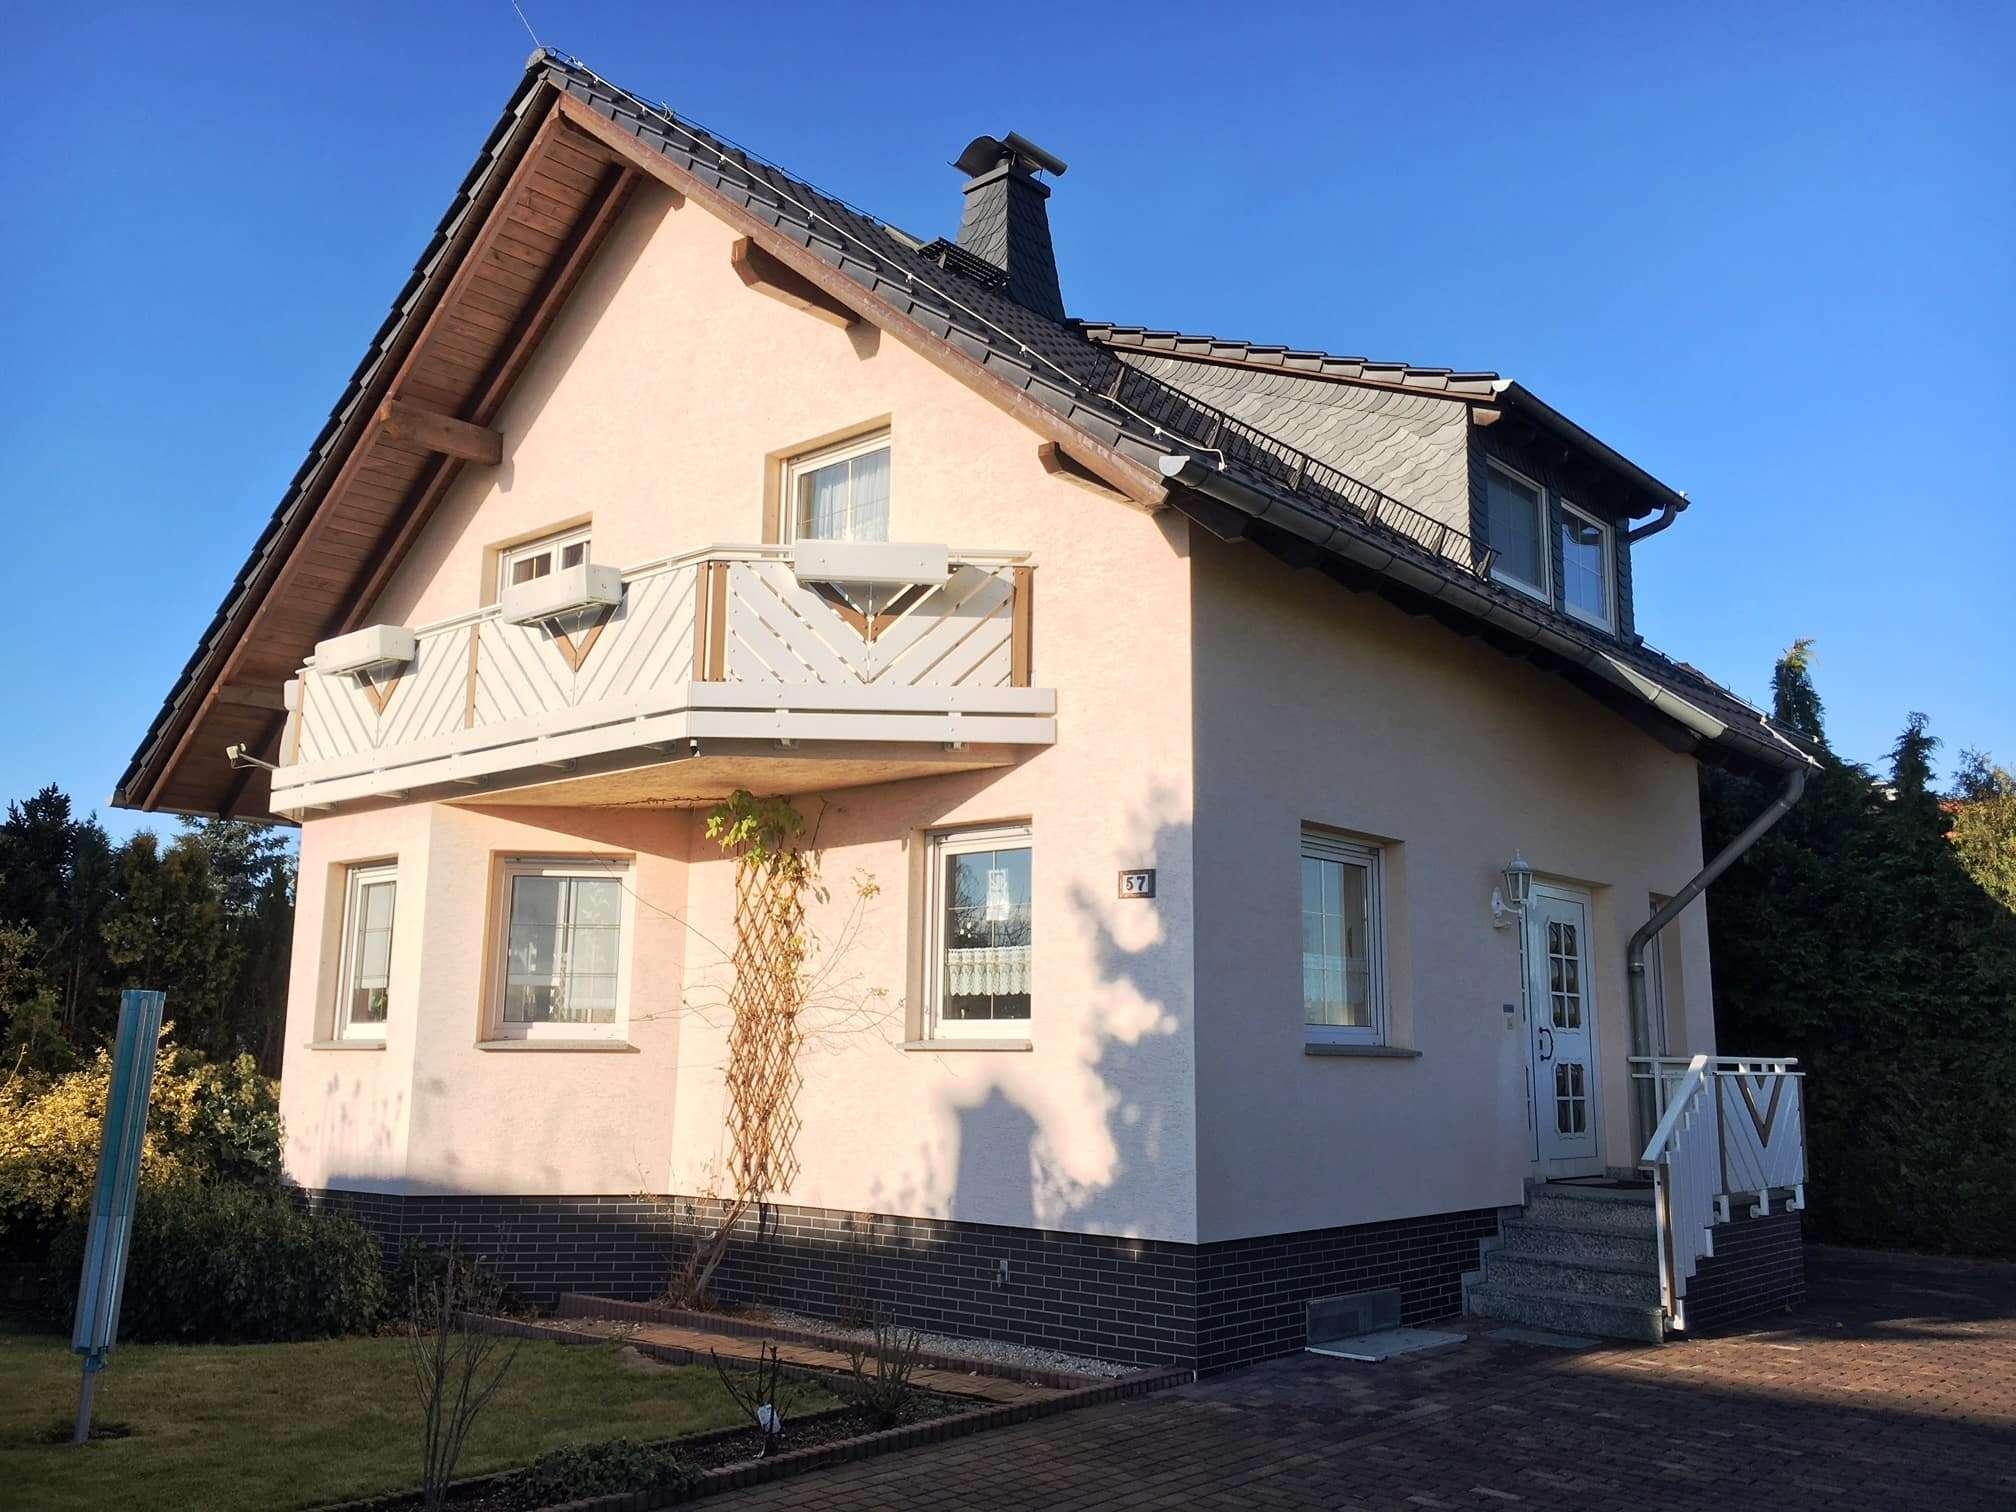 Wohnen am Rand einer Eigenheimsiedlung mit traumhafter unverbaubarer Fernsicht - Haus zum Kauf in Lampertswalde